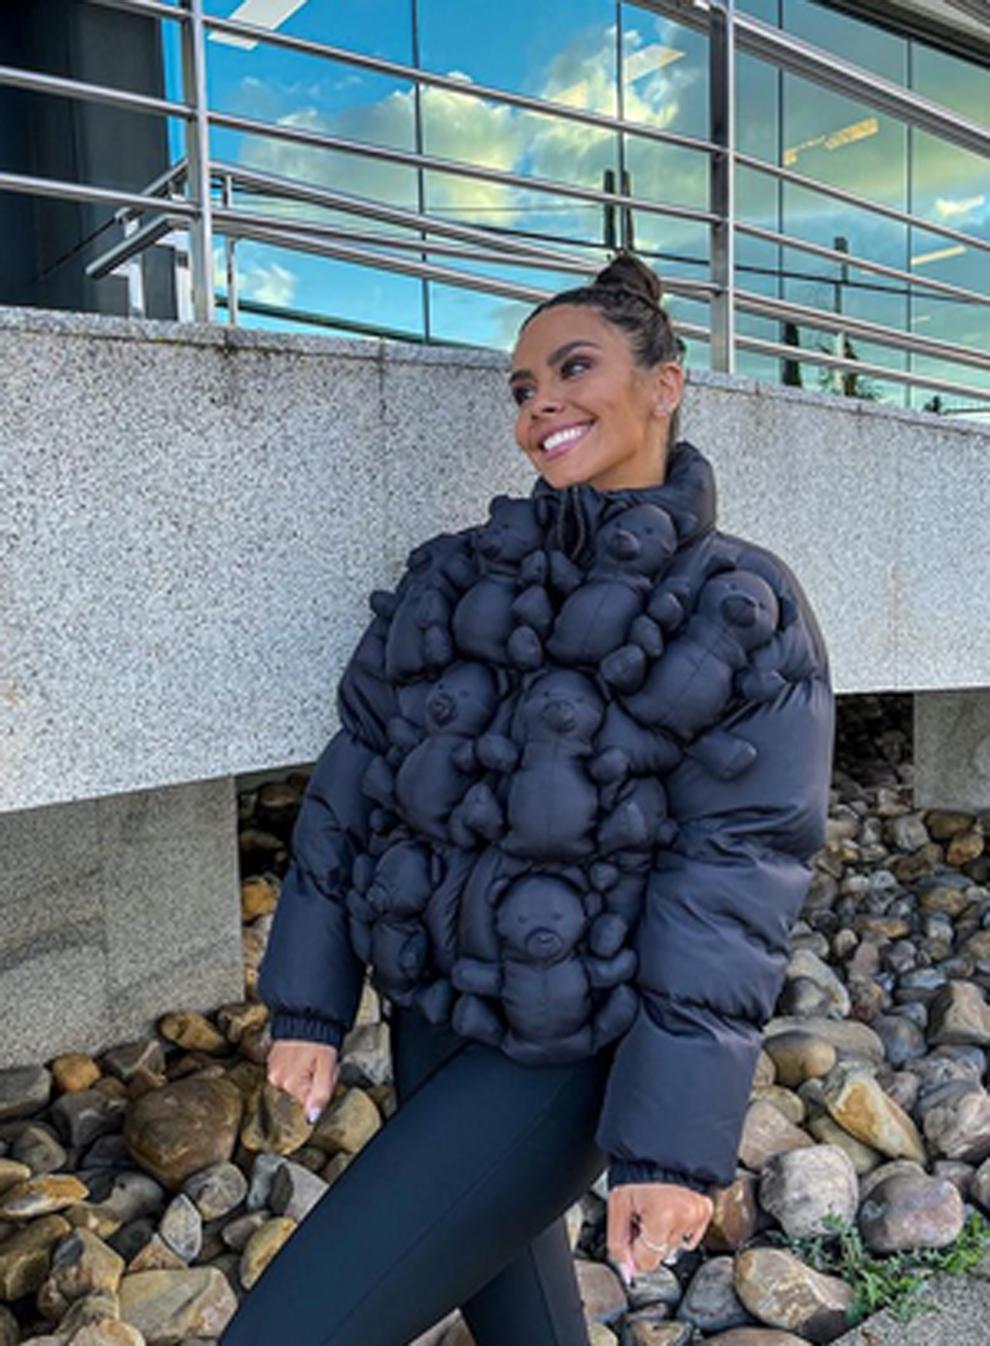 Cristina Pedroche abrigo ositos ursula corbero